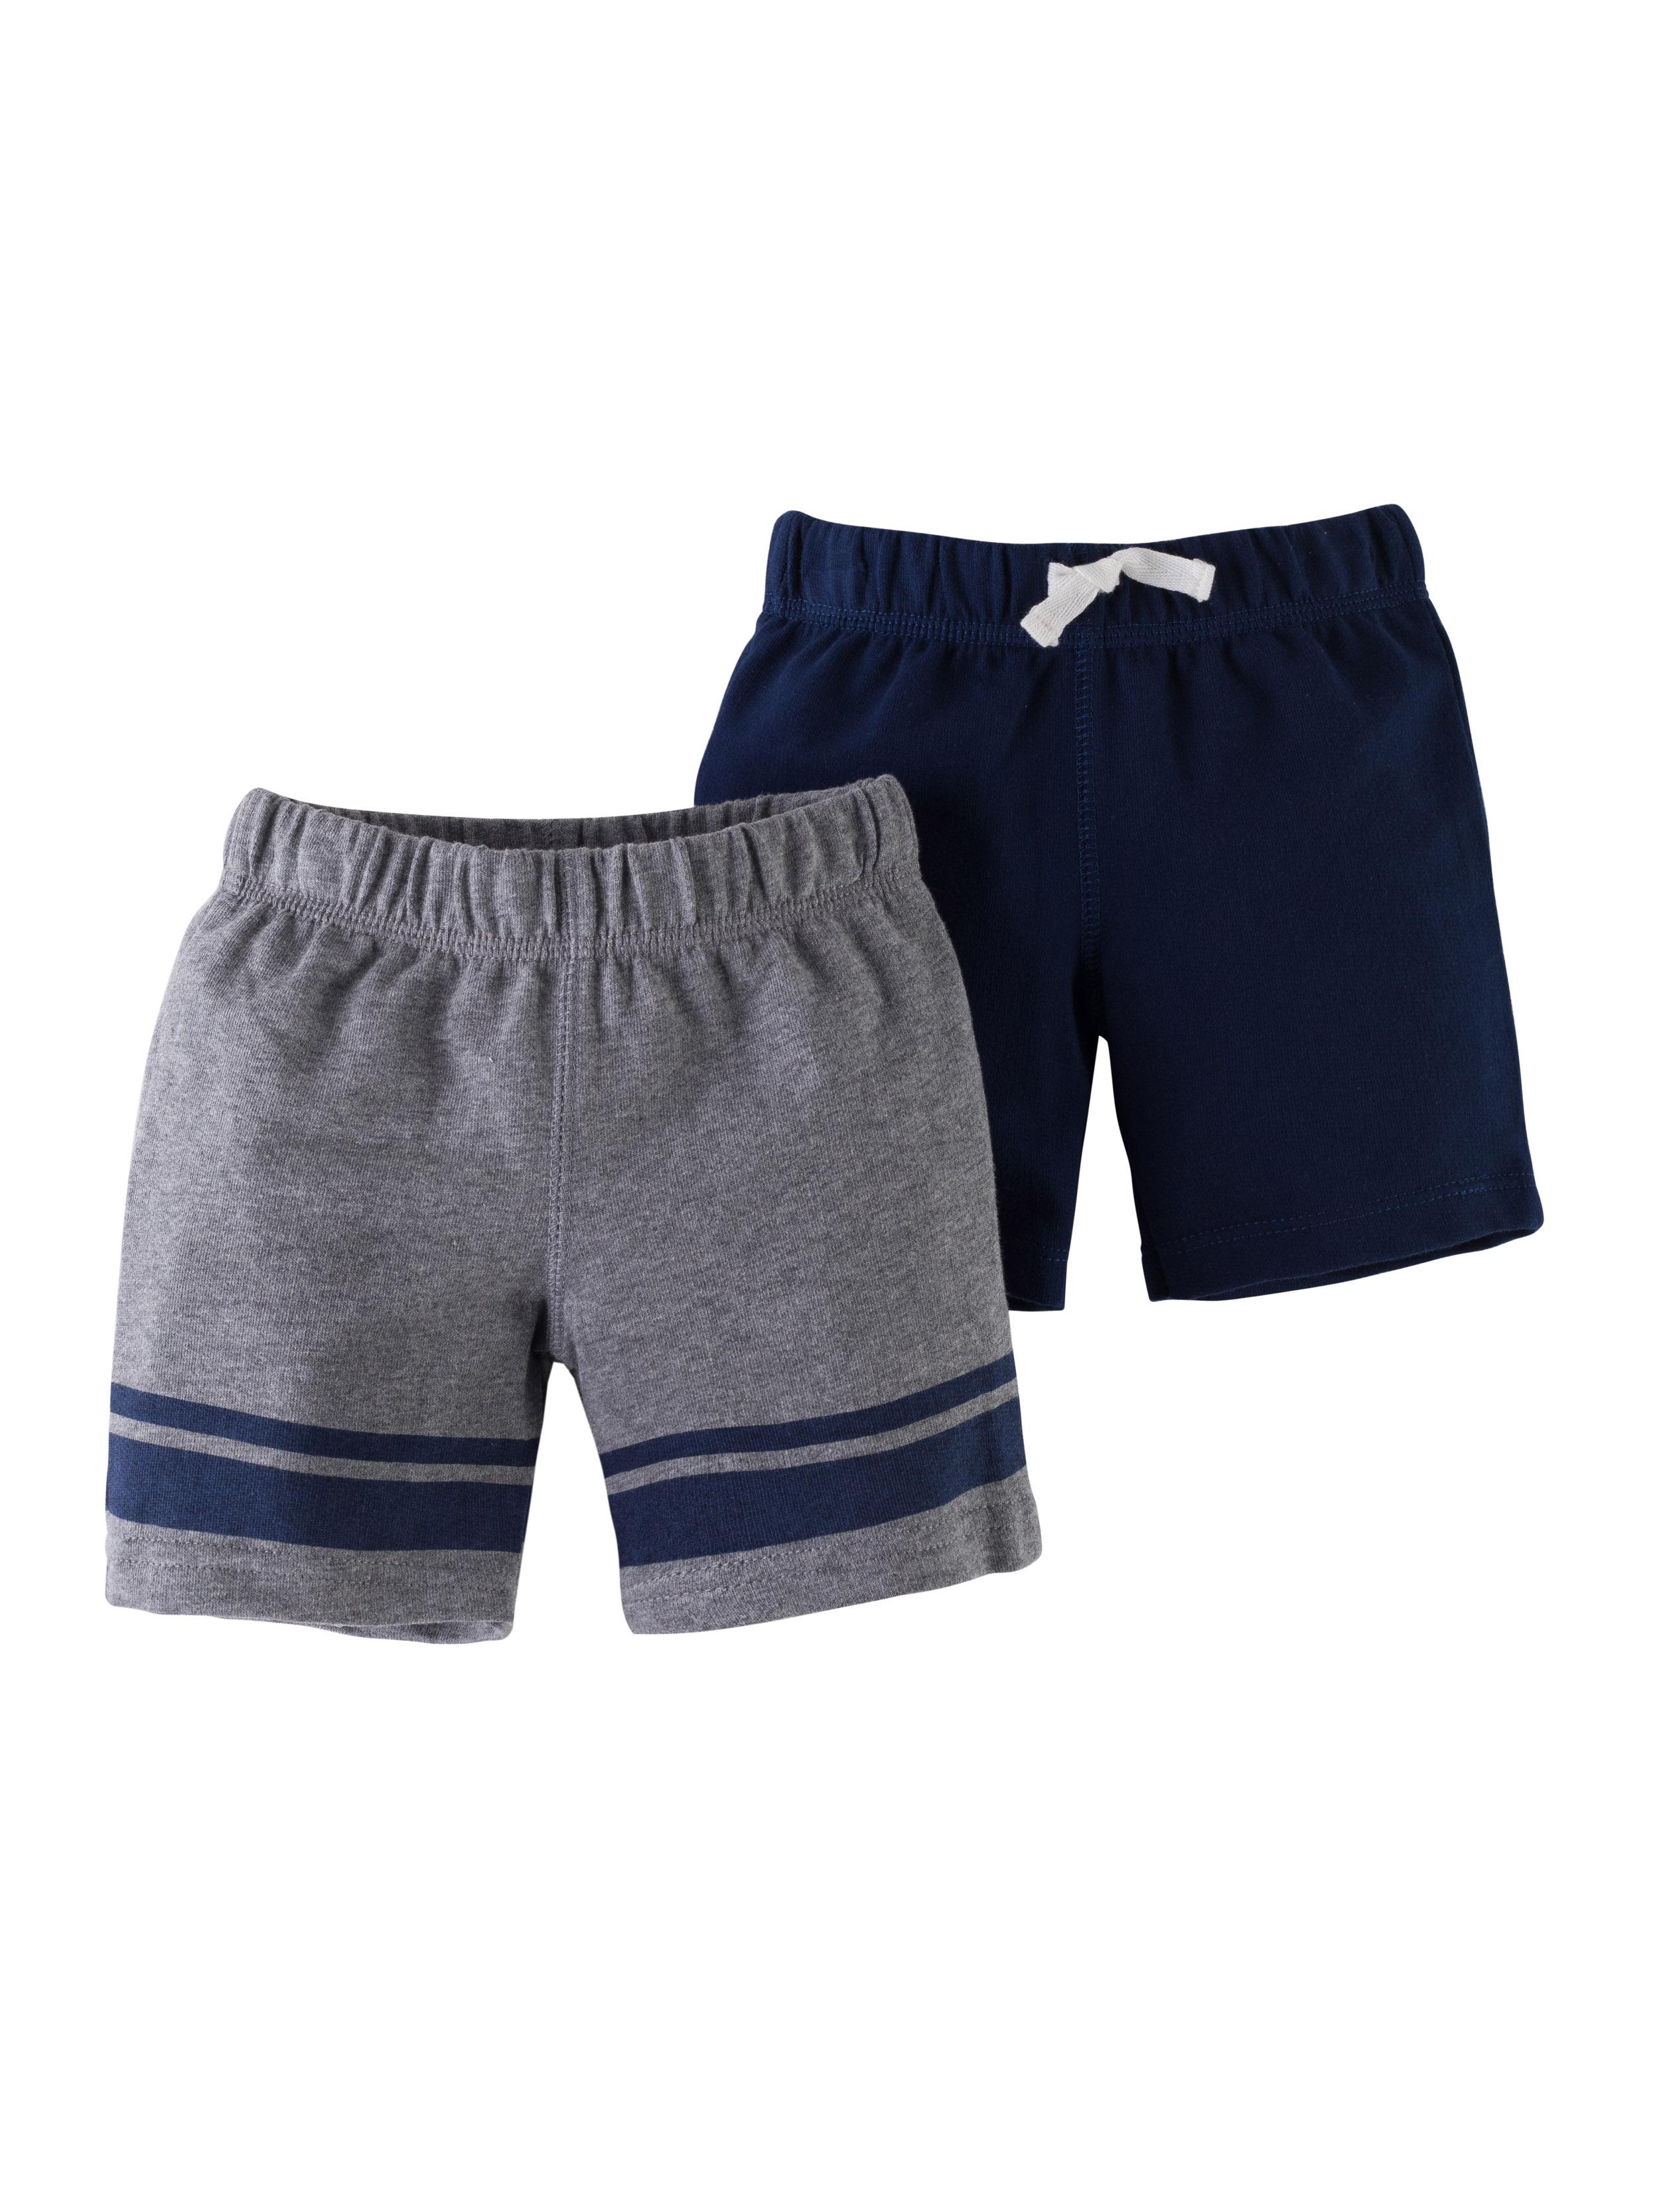 זוג מכנסיים מלאנג'/נייבי